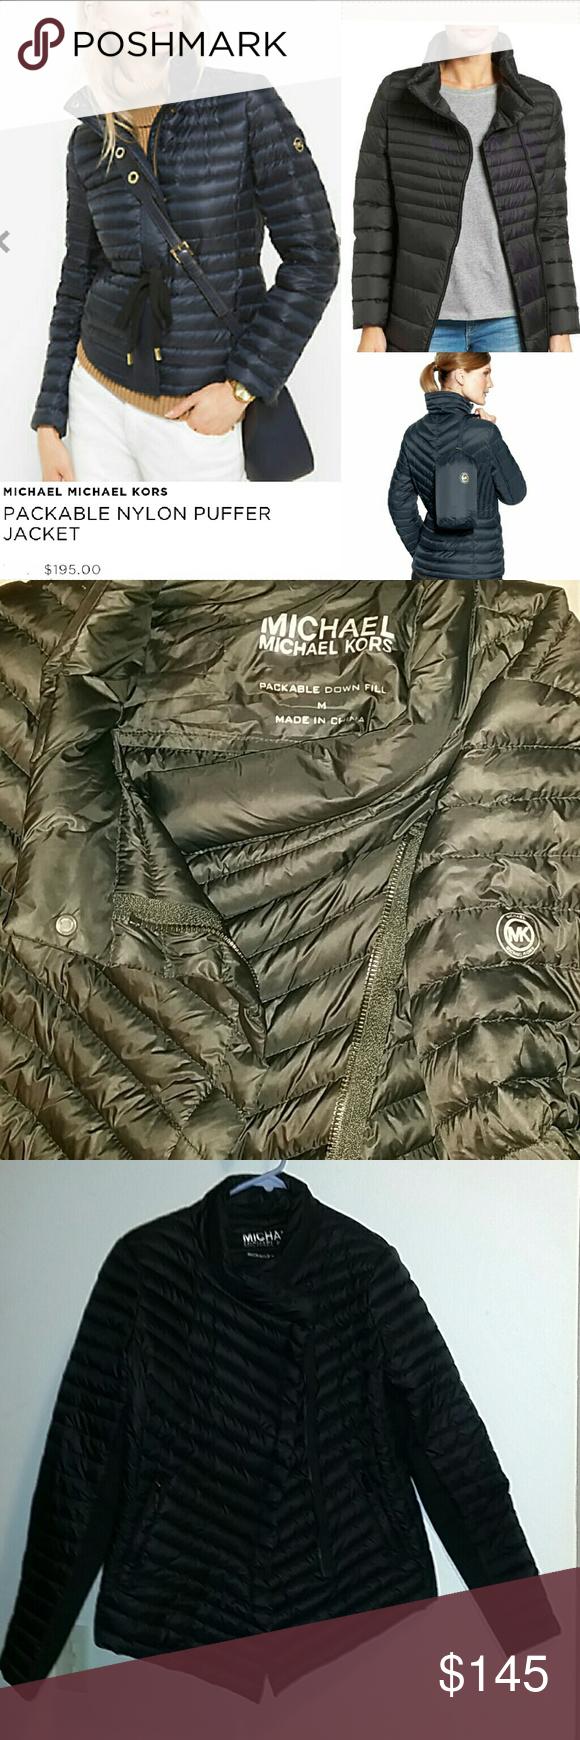 Mk Down Black Puffer Coat Michael Kors M Packable Black Puffer Coat Black Puffer Puffer Coat [ 1740 x 580 Pixel ]